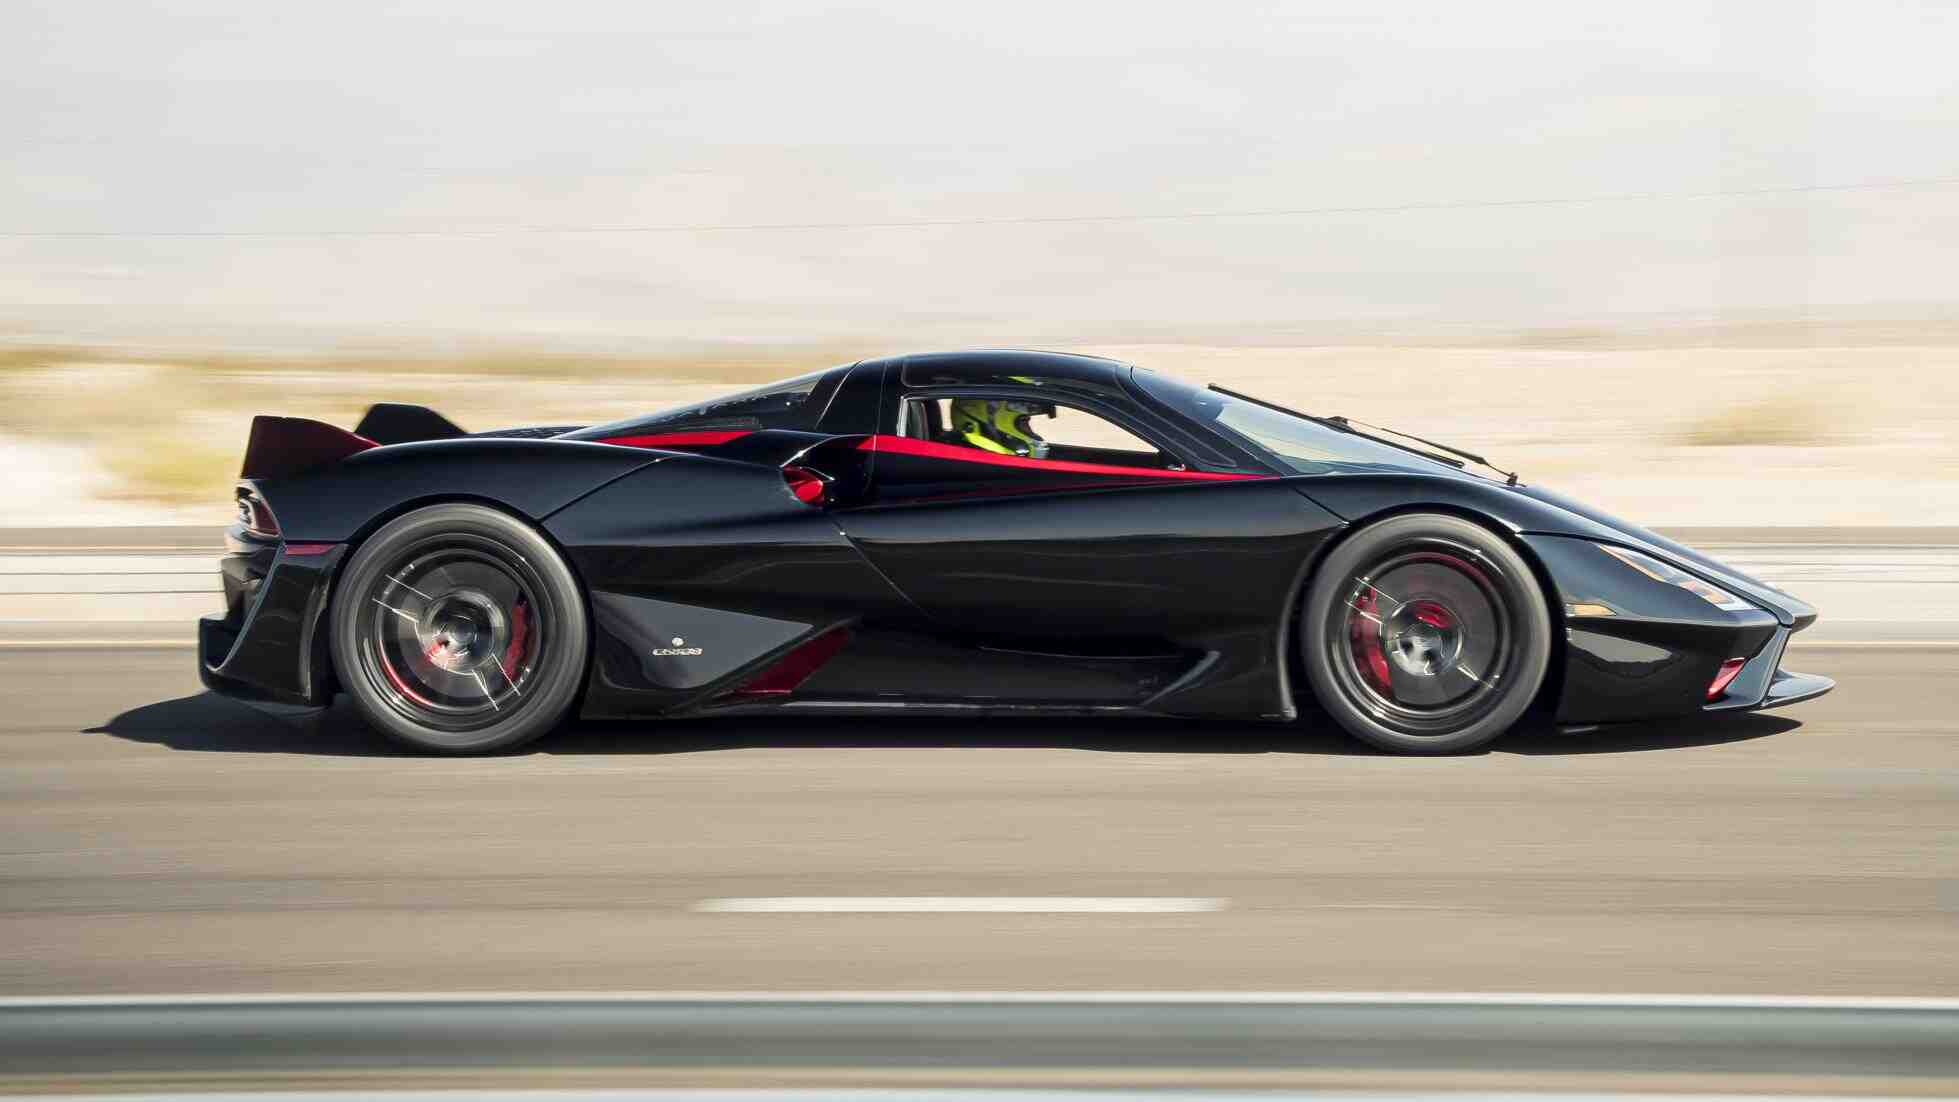 Quelle est la Peugeot la plus rapide?